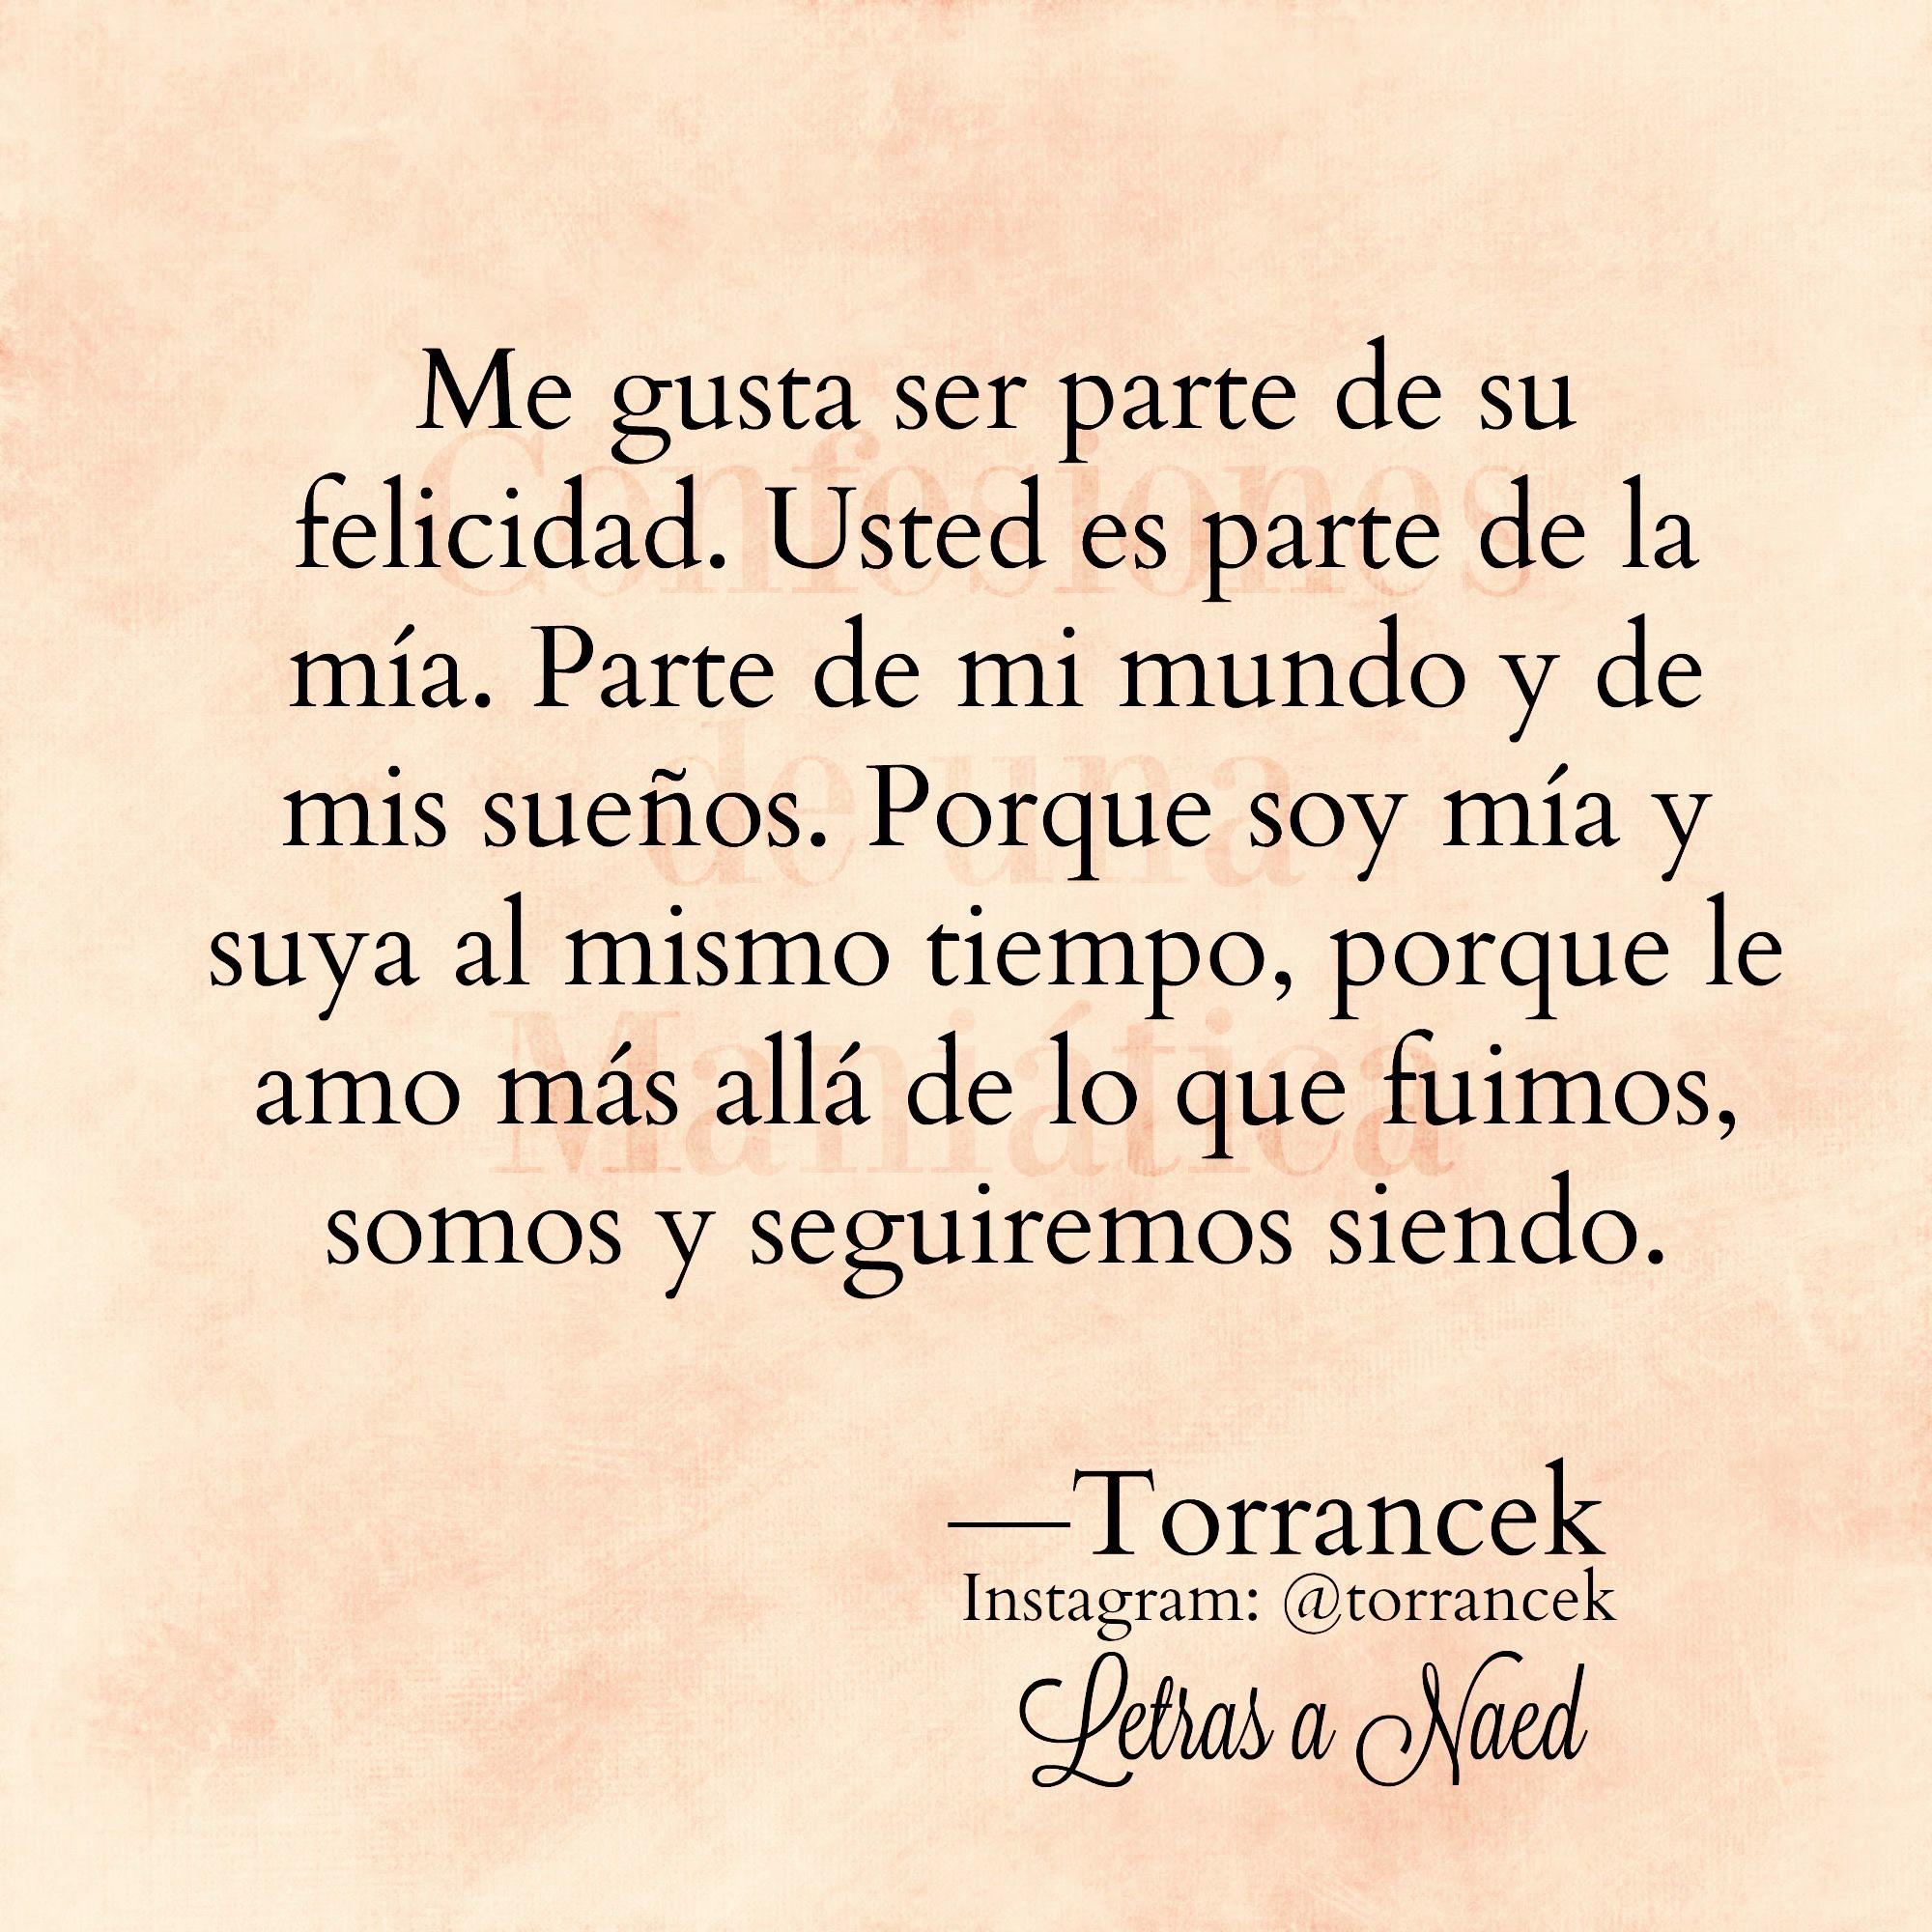 Mensajes · 〽 Me gusta ser parte de su felicidad Torrancek · Frases RománticasFrases BonitasFelicidadAmor